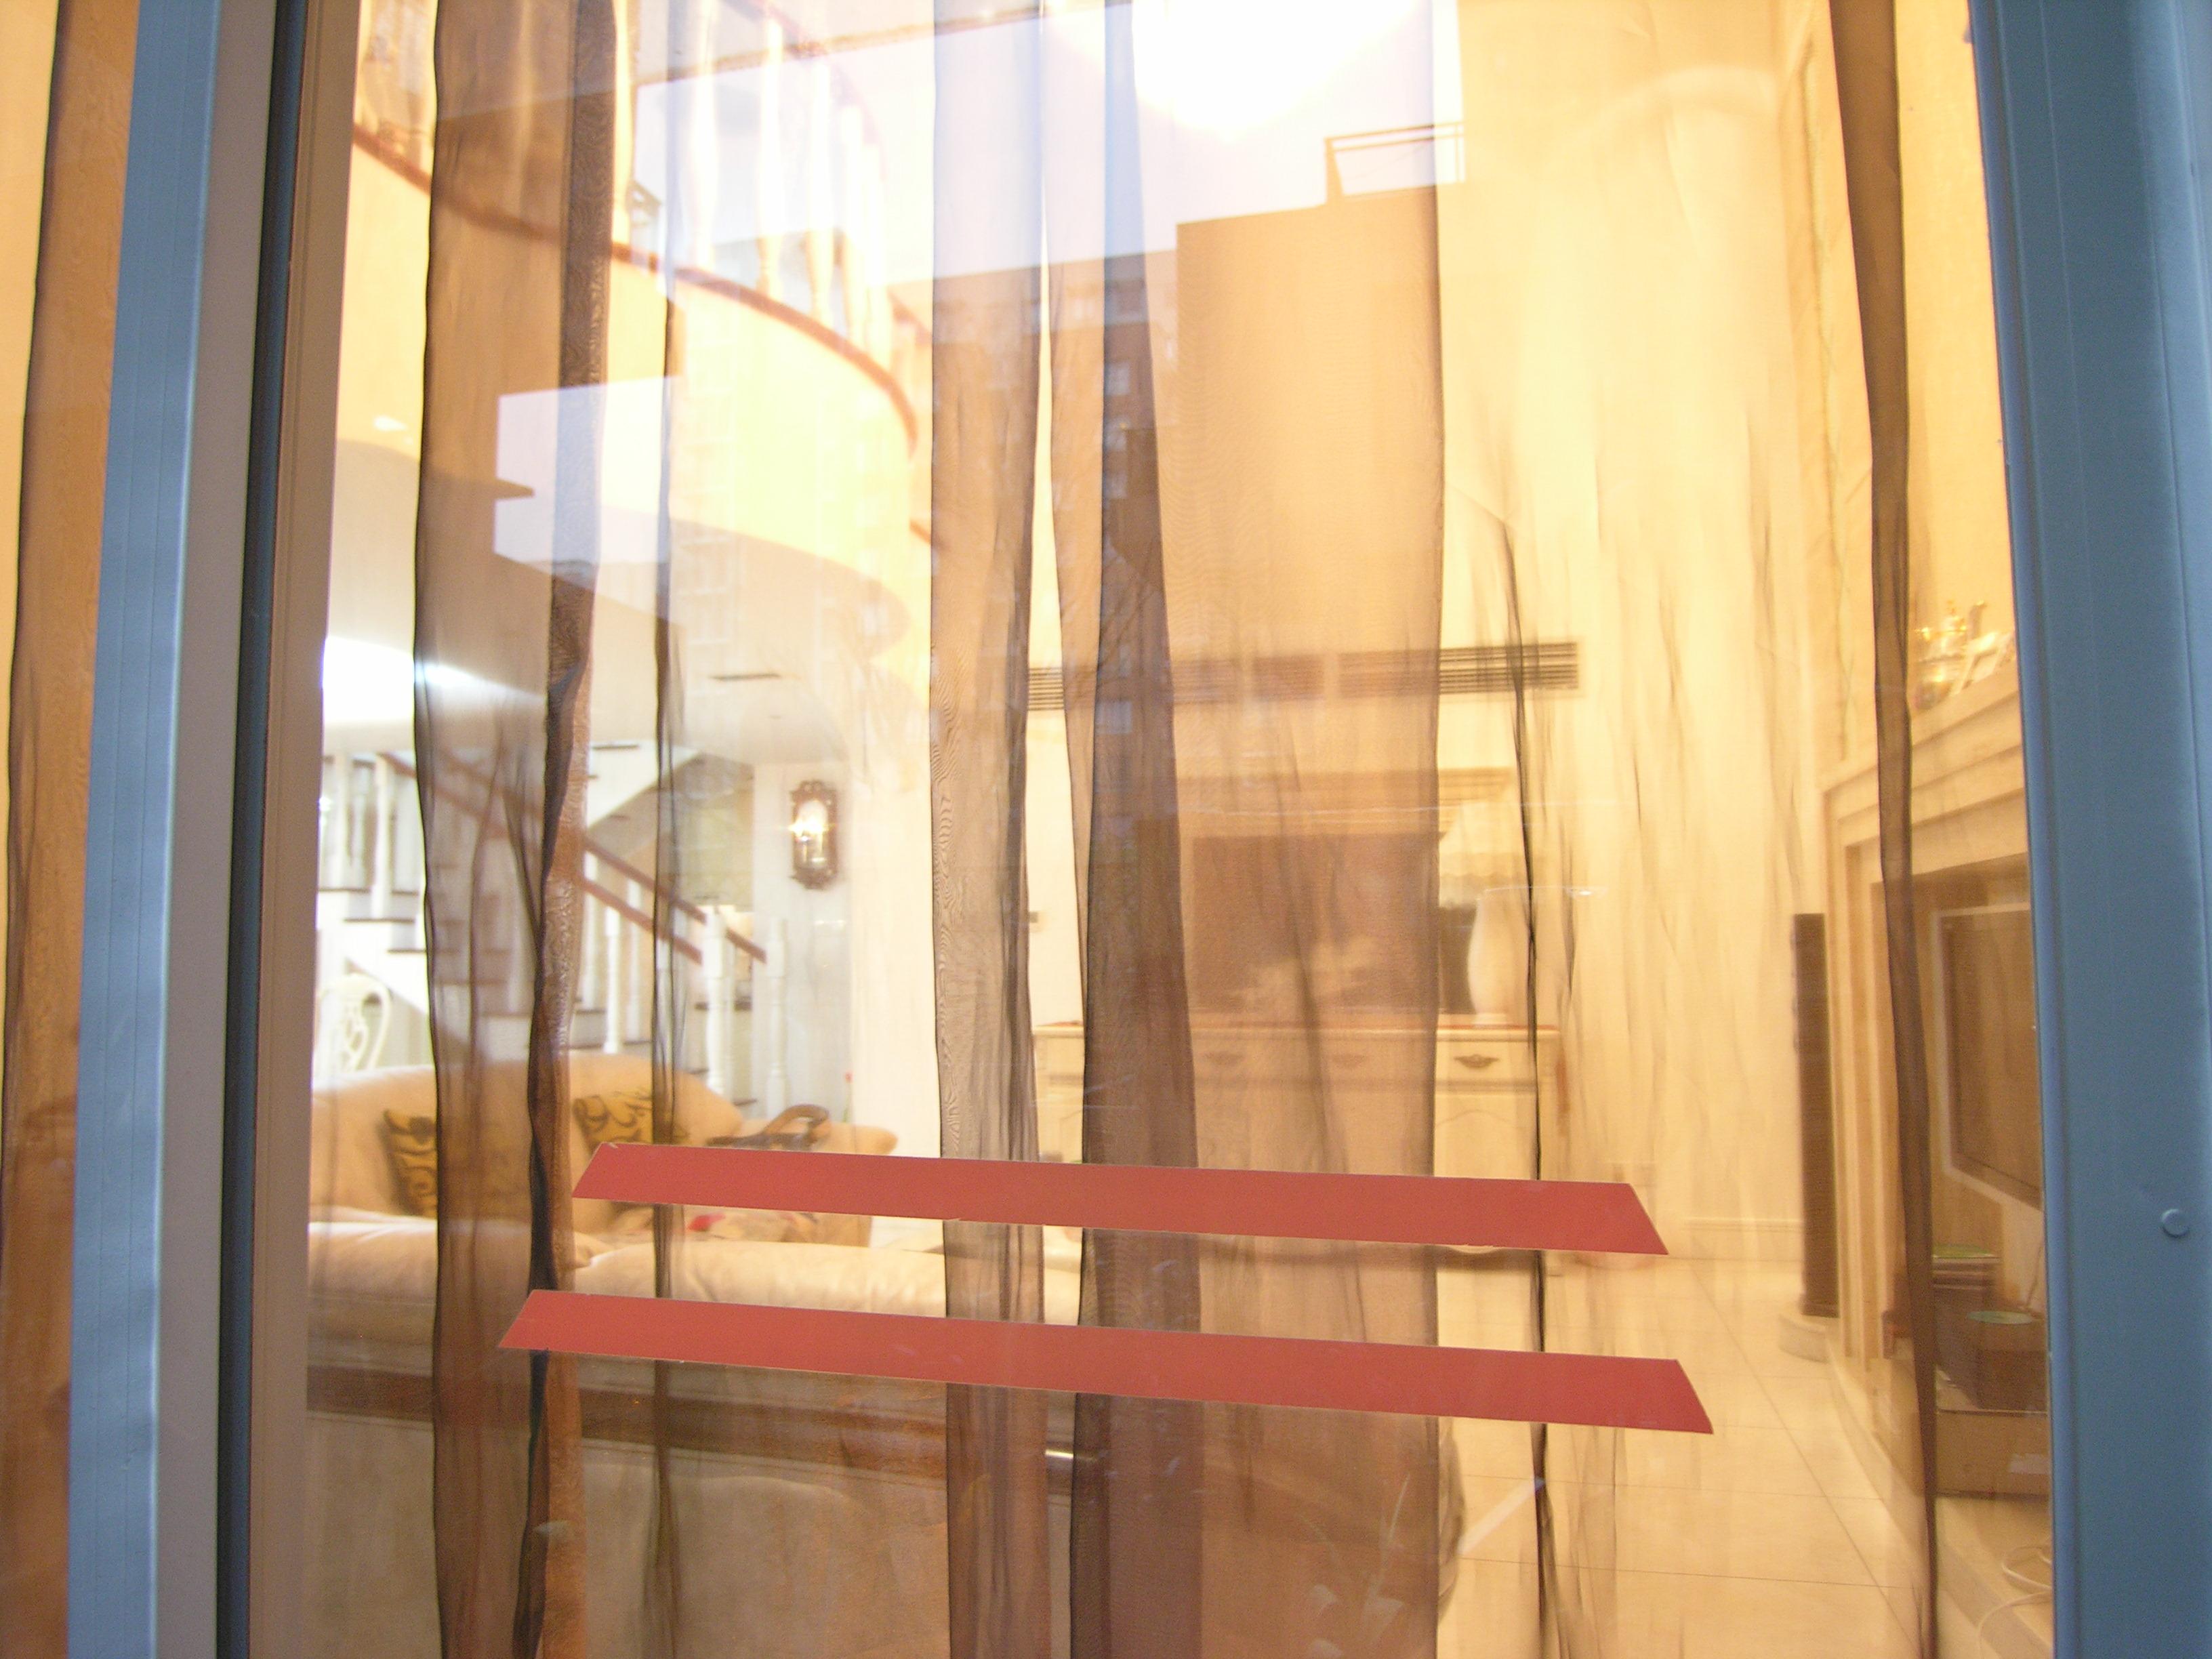 欧式 别墅 其他图片来自小若爱雨在金色家园(二)的分享